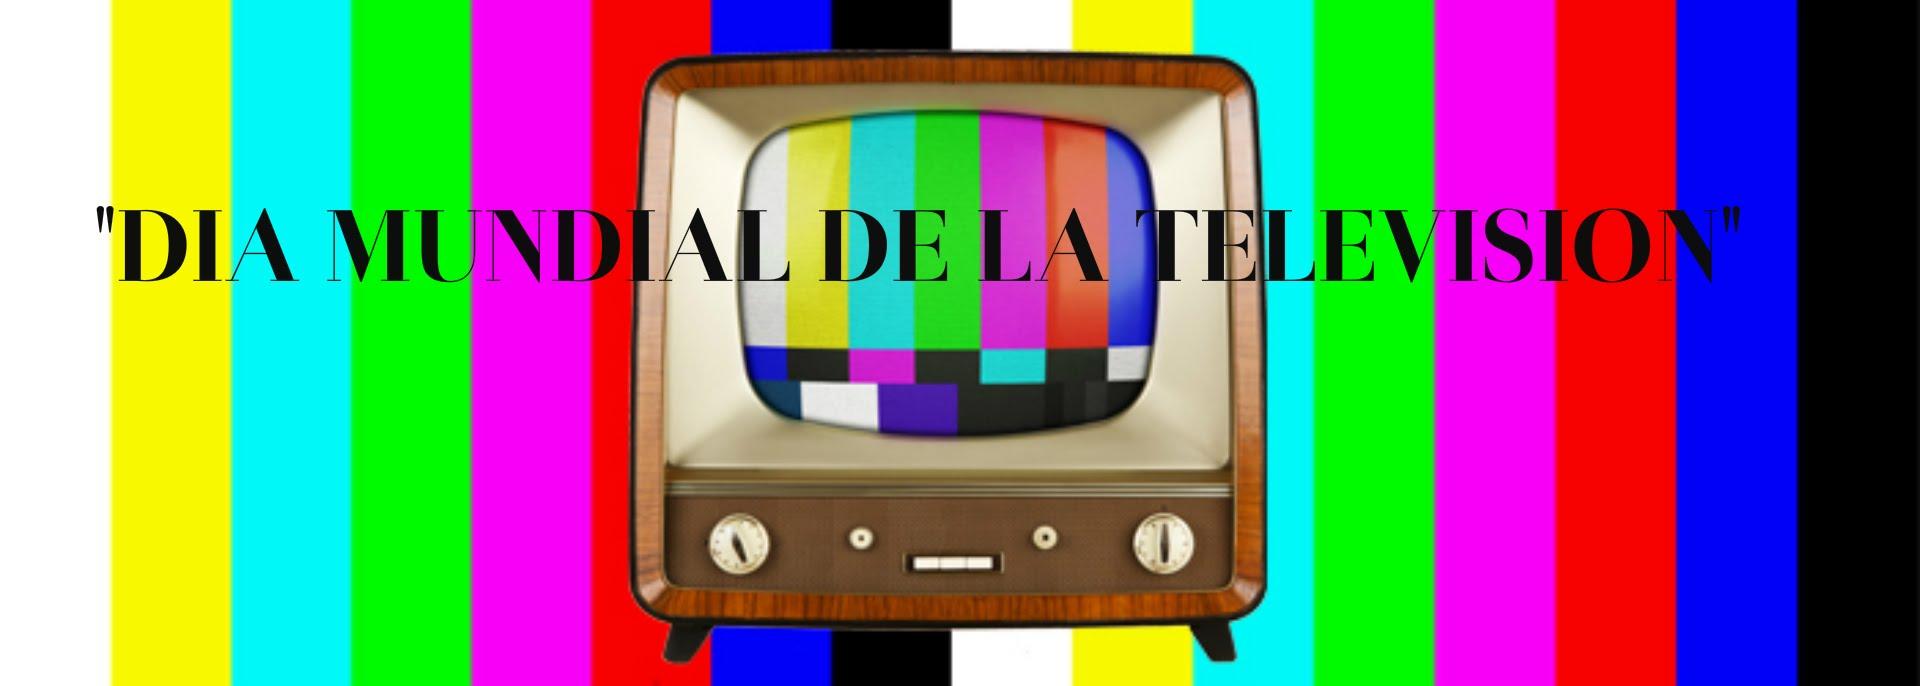 interlazado-com_dia-mundial-de-la-television-01